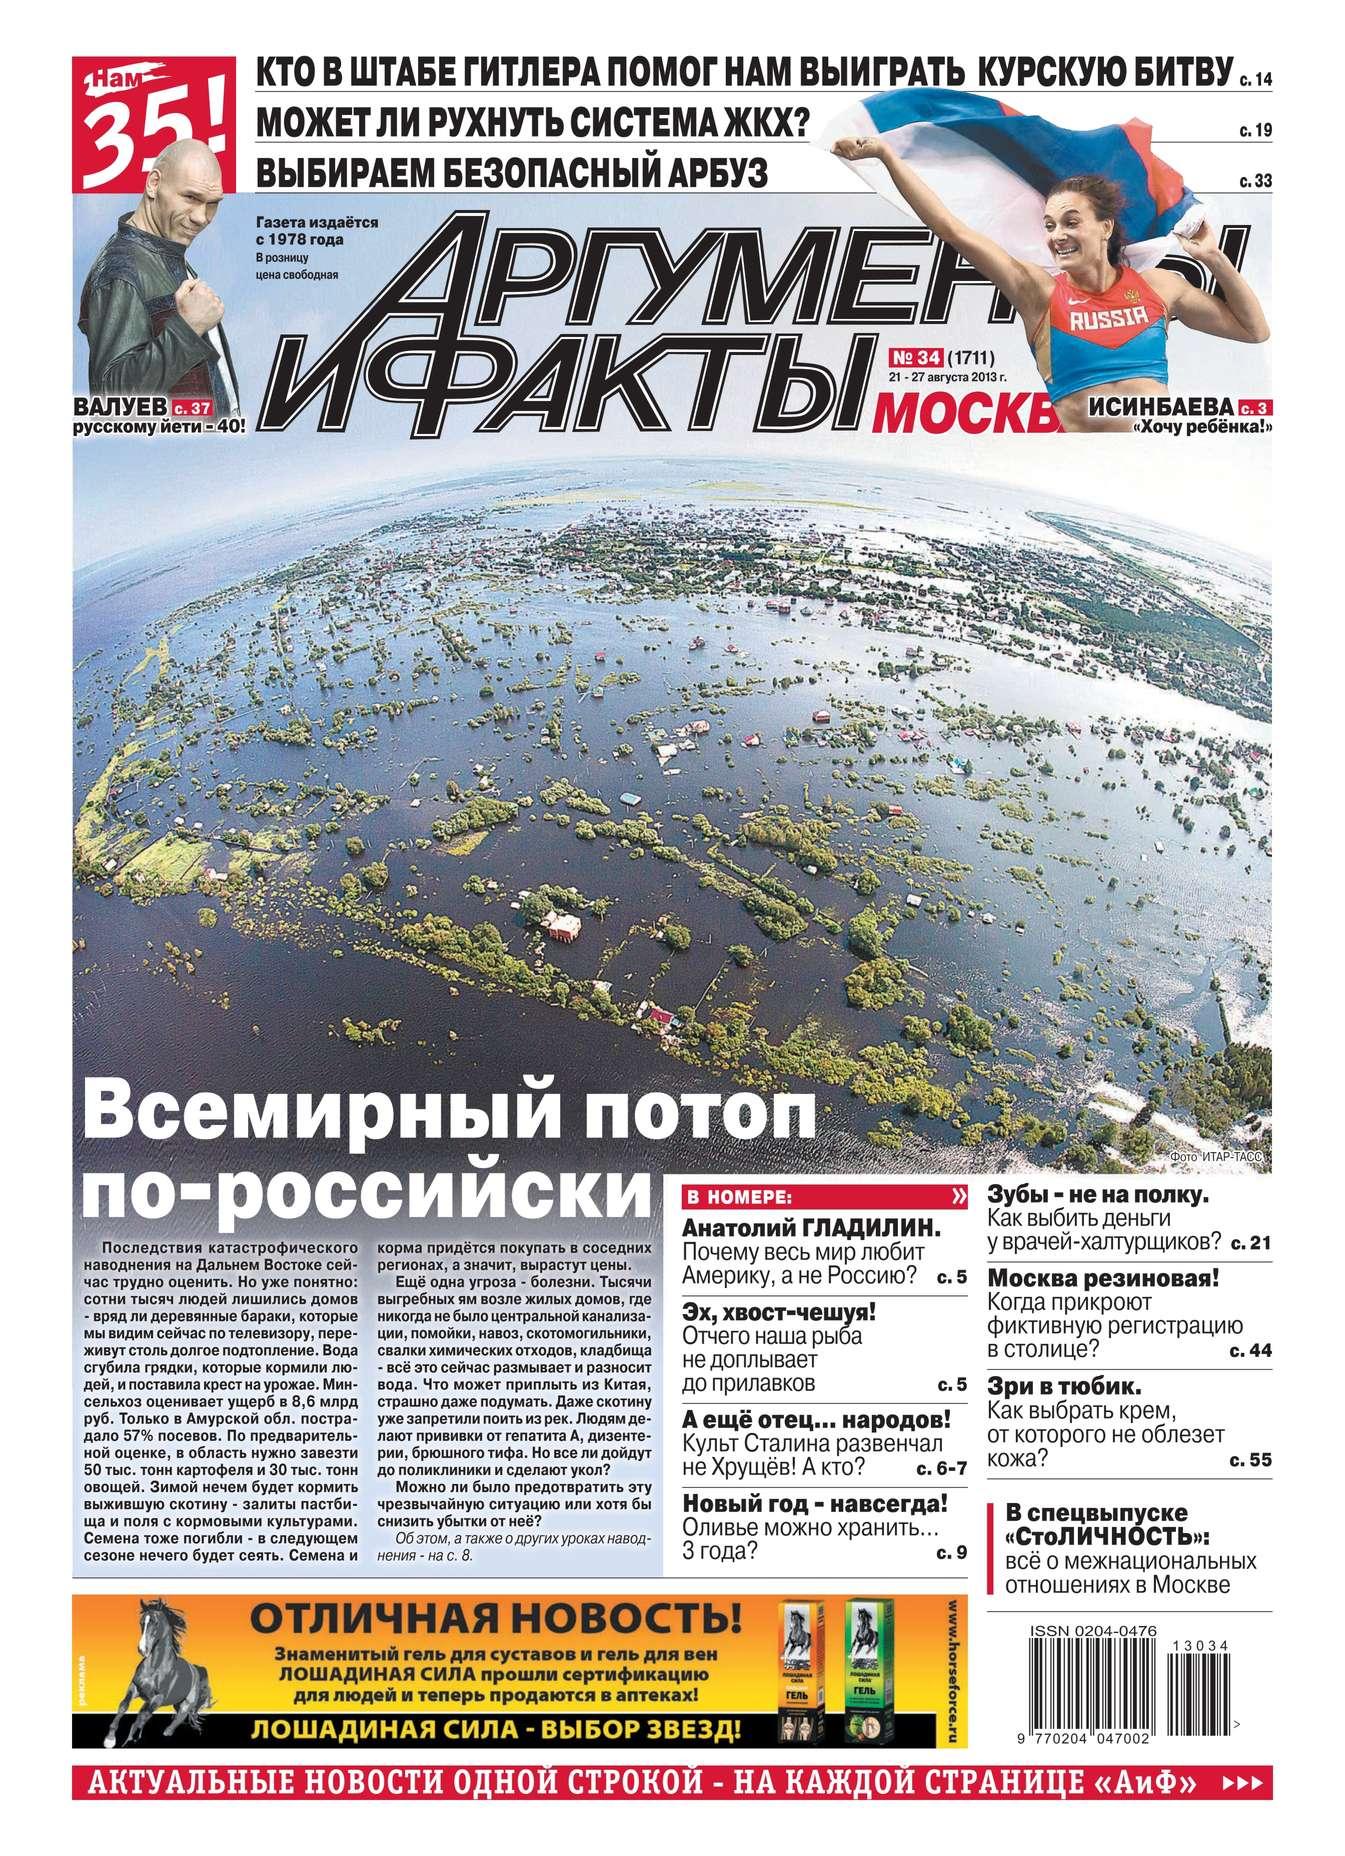 Редакция журнала Аиф. Про Кухню Аргументы и факты 34-2013